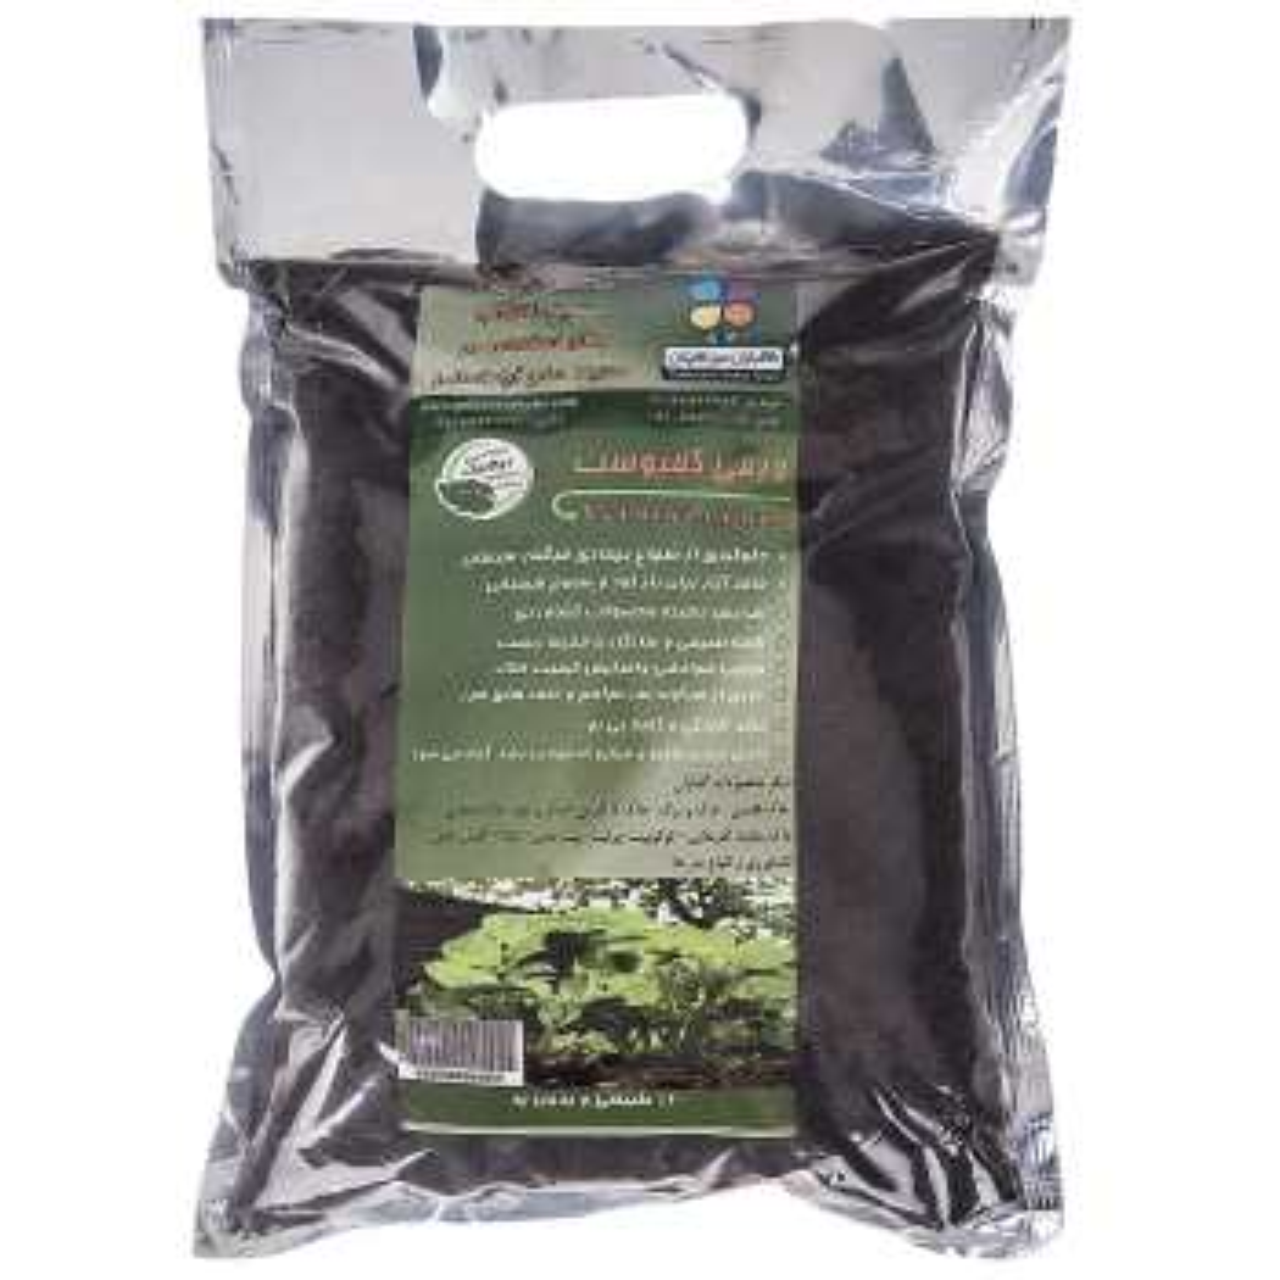 کود ورمی کمپوست گلباران سبز بسته 4 کیلوگرمی